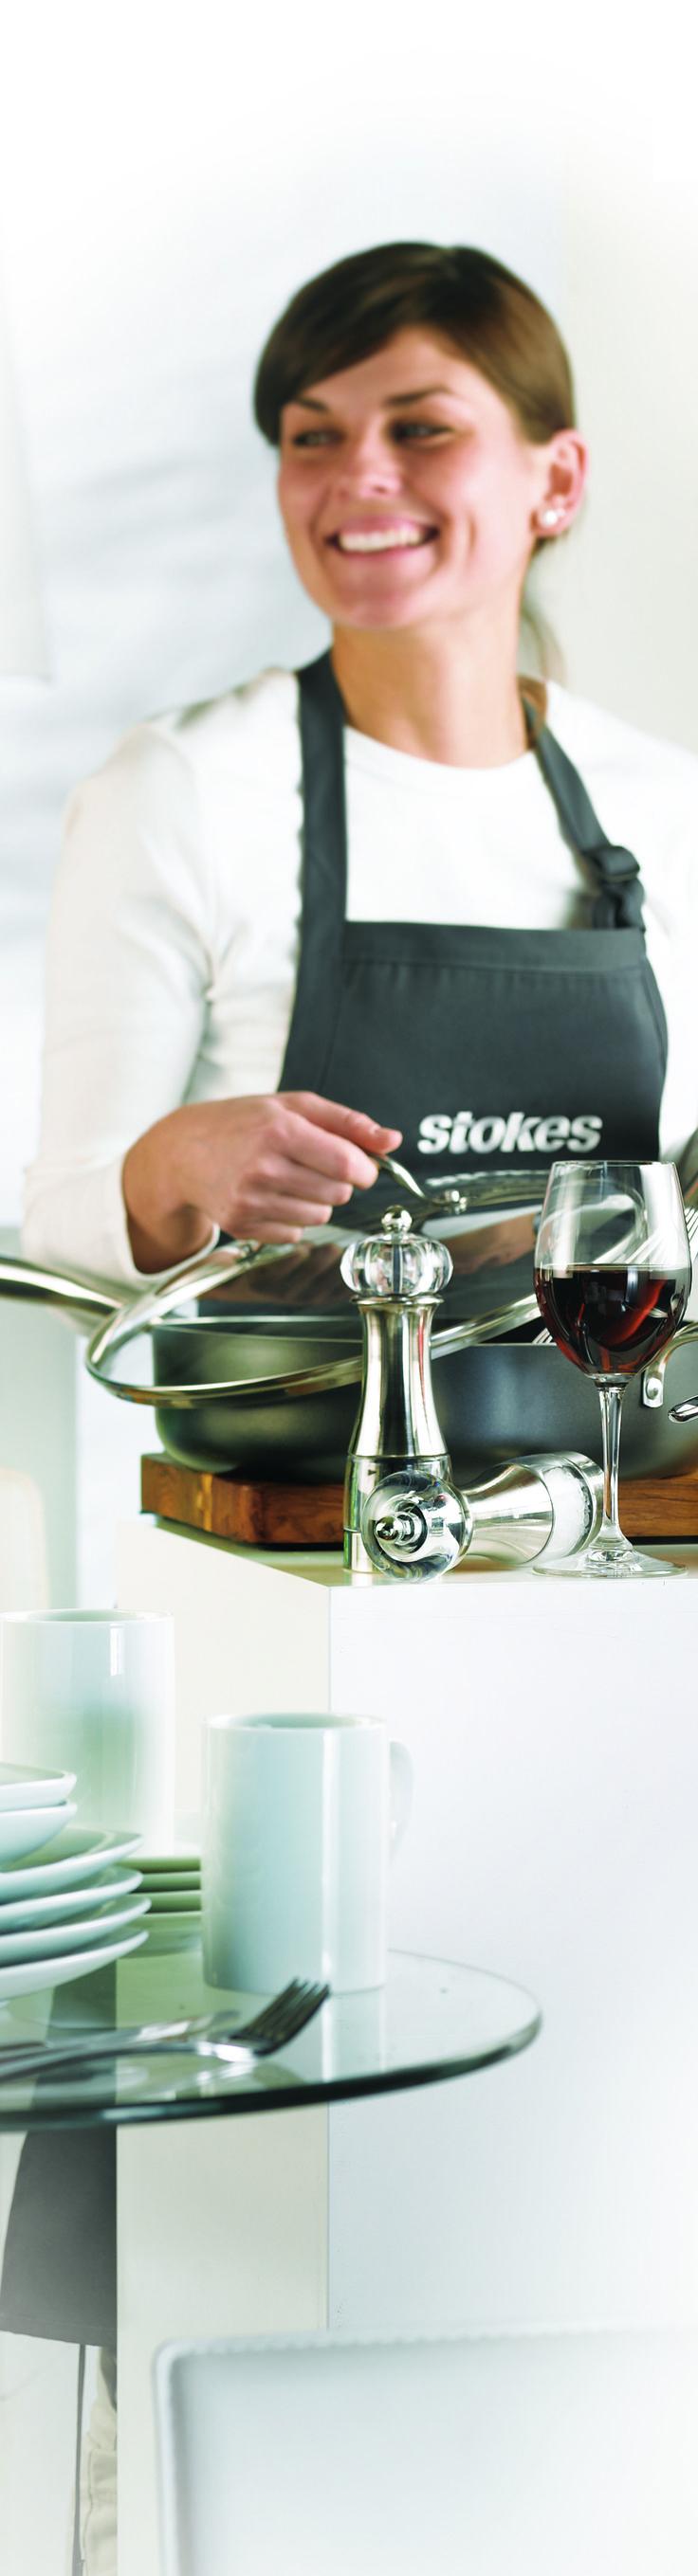 23 best Kitchen & Food Prep images on Pinterest | Food prep, Baking ...